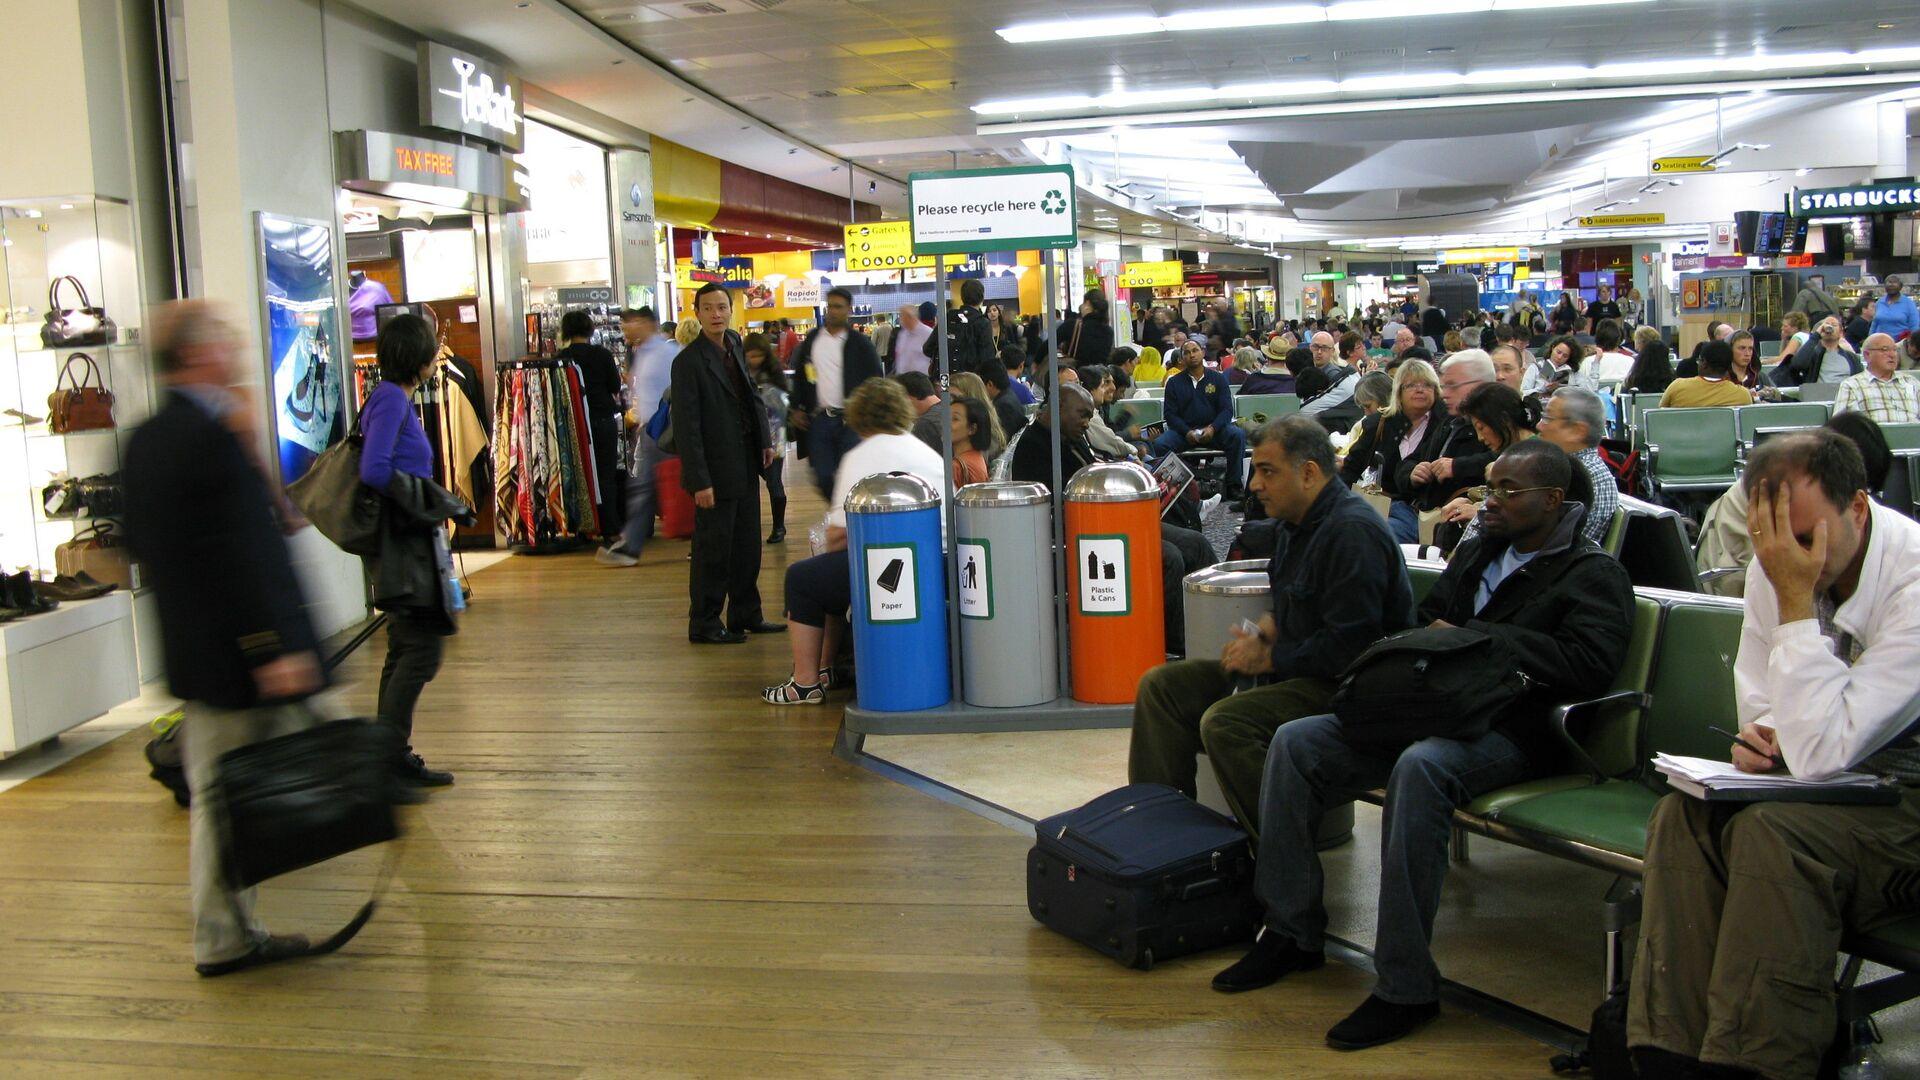 Los pasajeros esperan en un termilal del aeropuerto Heathrow, Londres (archivo) - Sputnik Mundo, 1920, 17.09.2021